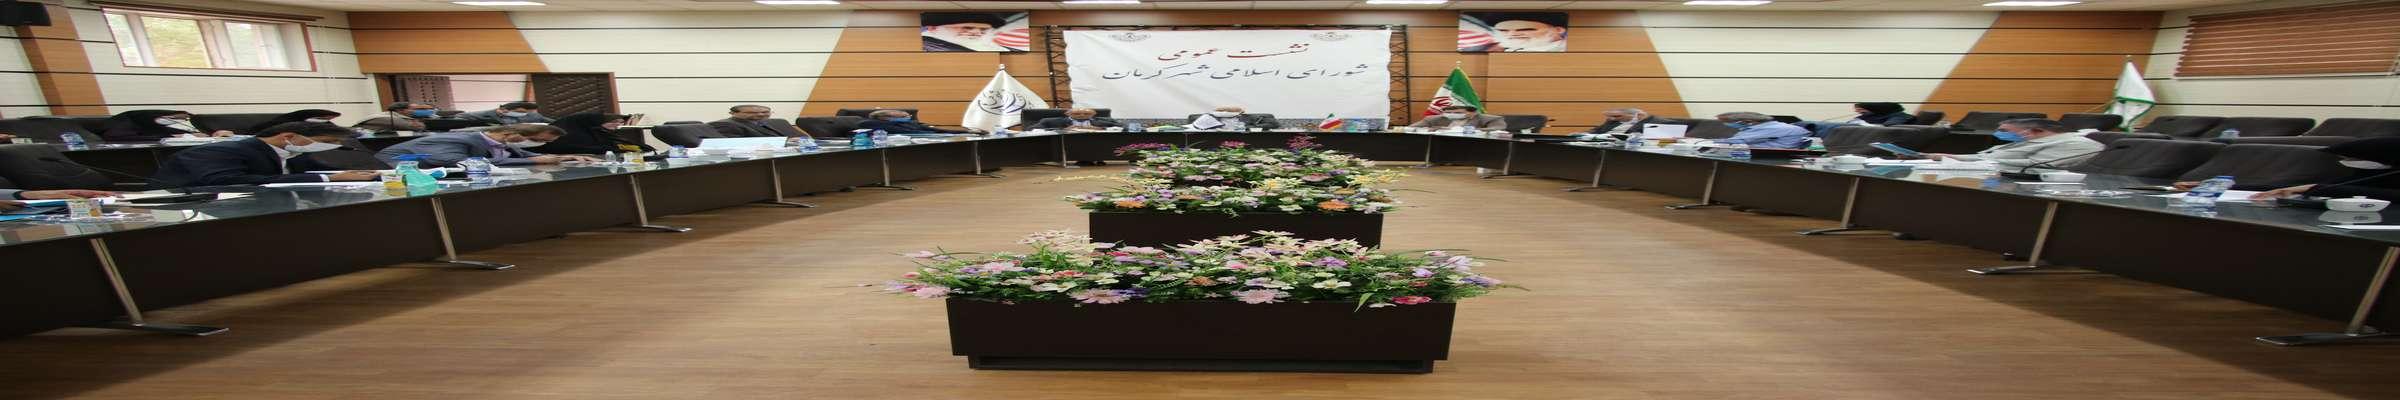 برگزاری رویداد «صدسالگی شهرداری» کرمان، پدیده ای مبارک و فرصتی مناسب برای شهر کرمان است